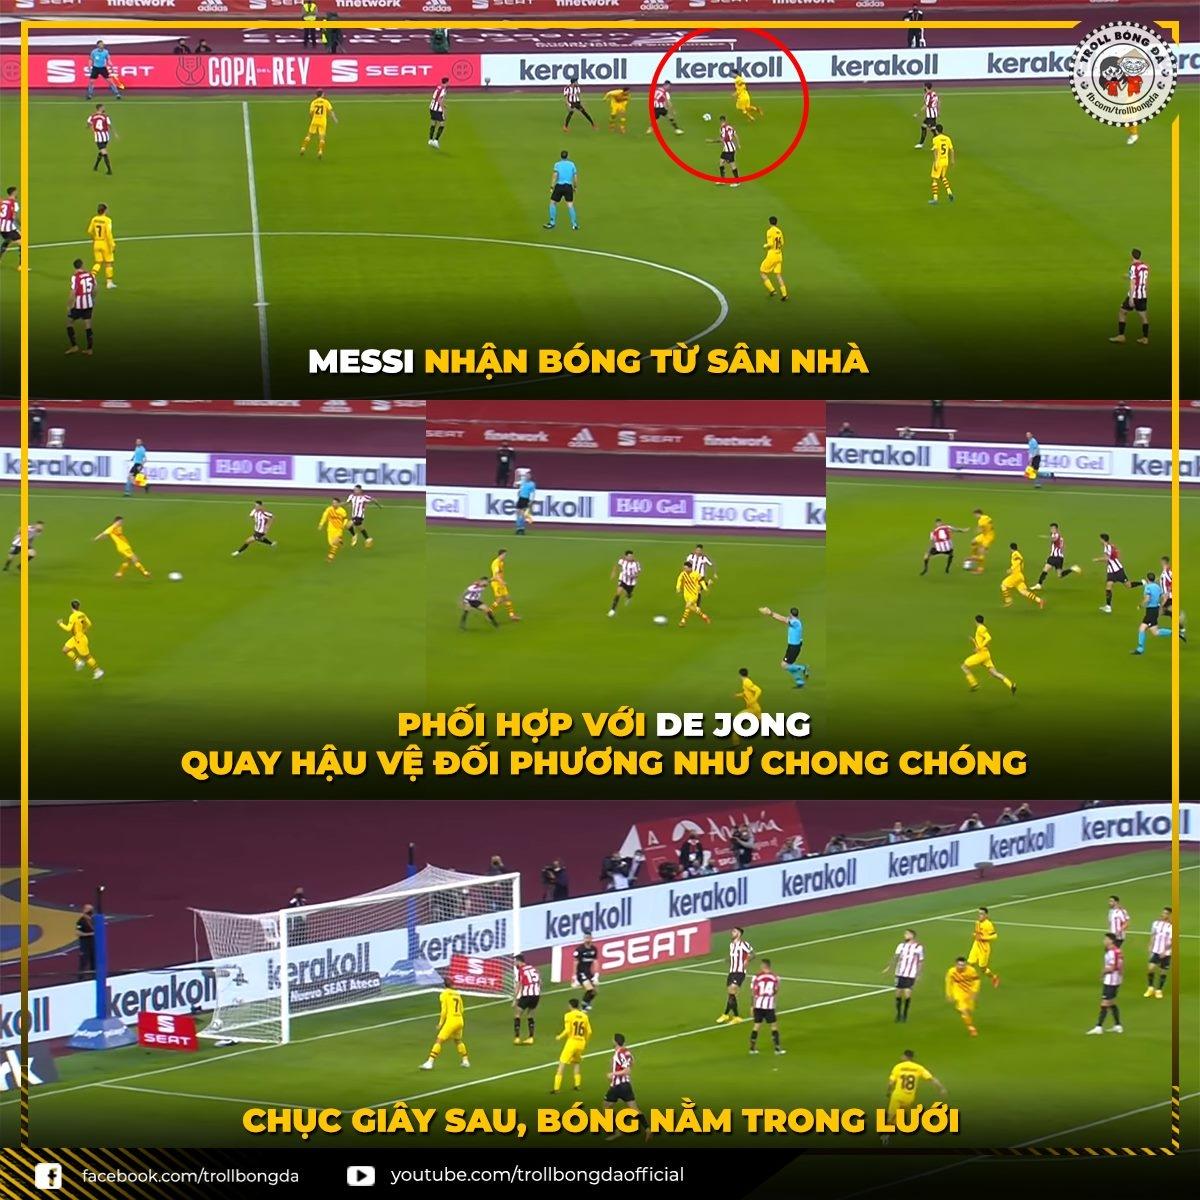 Barca đã làm khổ Athletic Bilbao như thế nào? (Ảnh: Troll Bóng Đá)